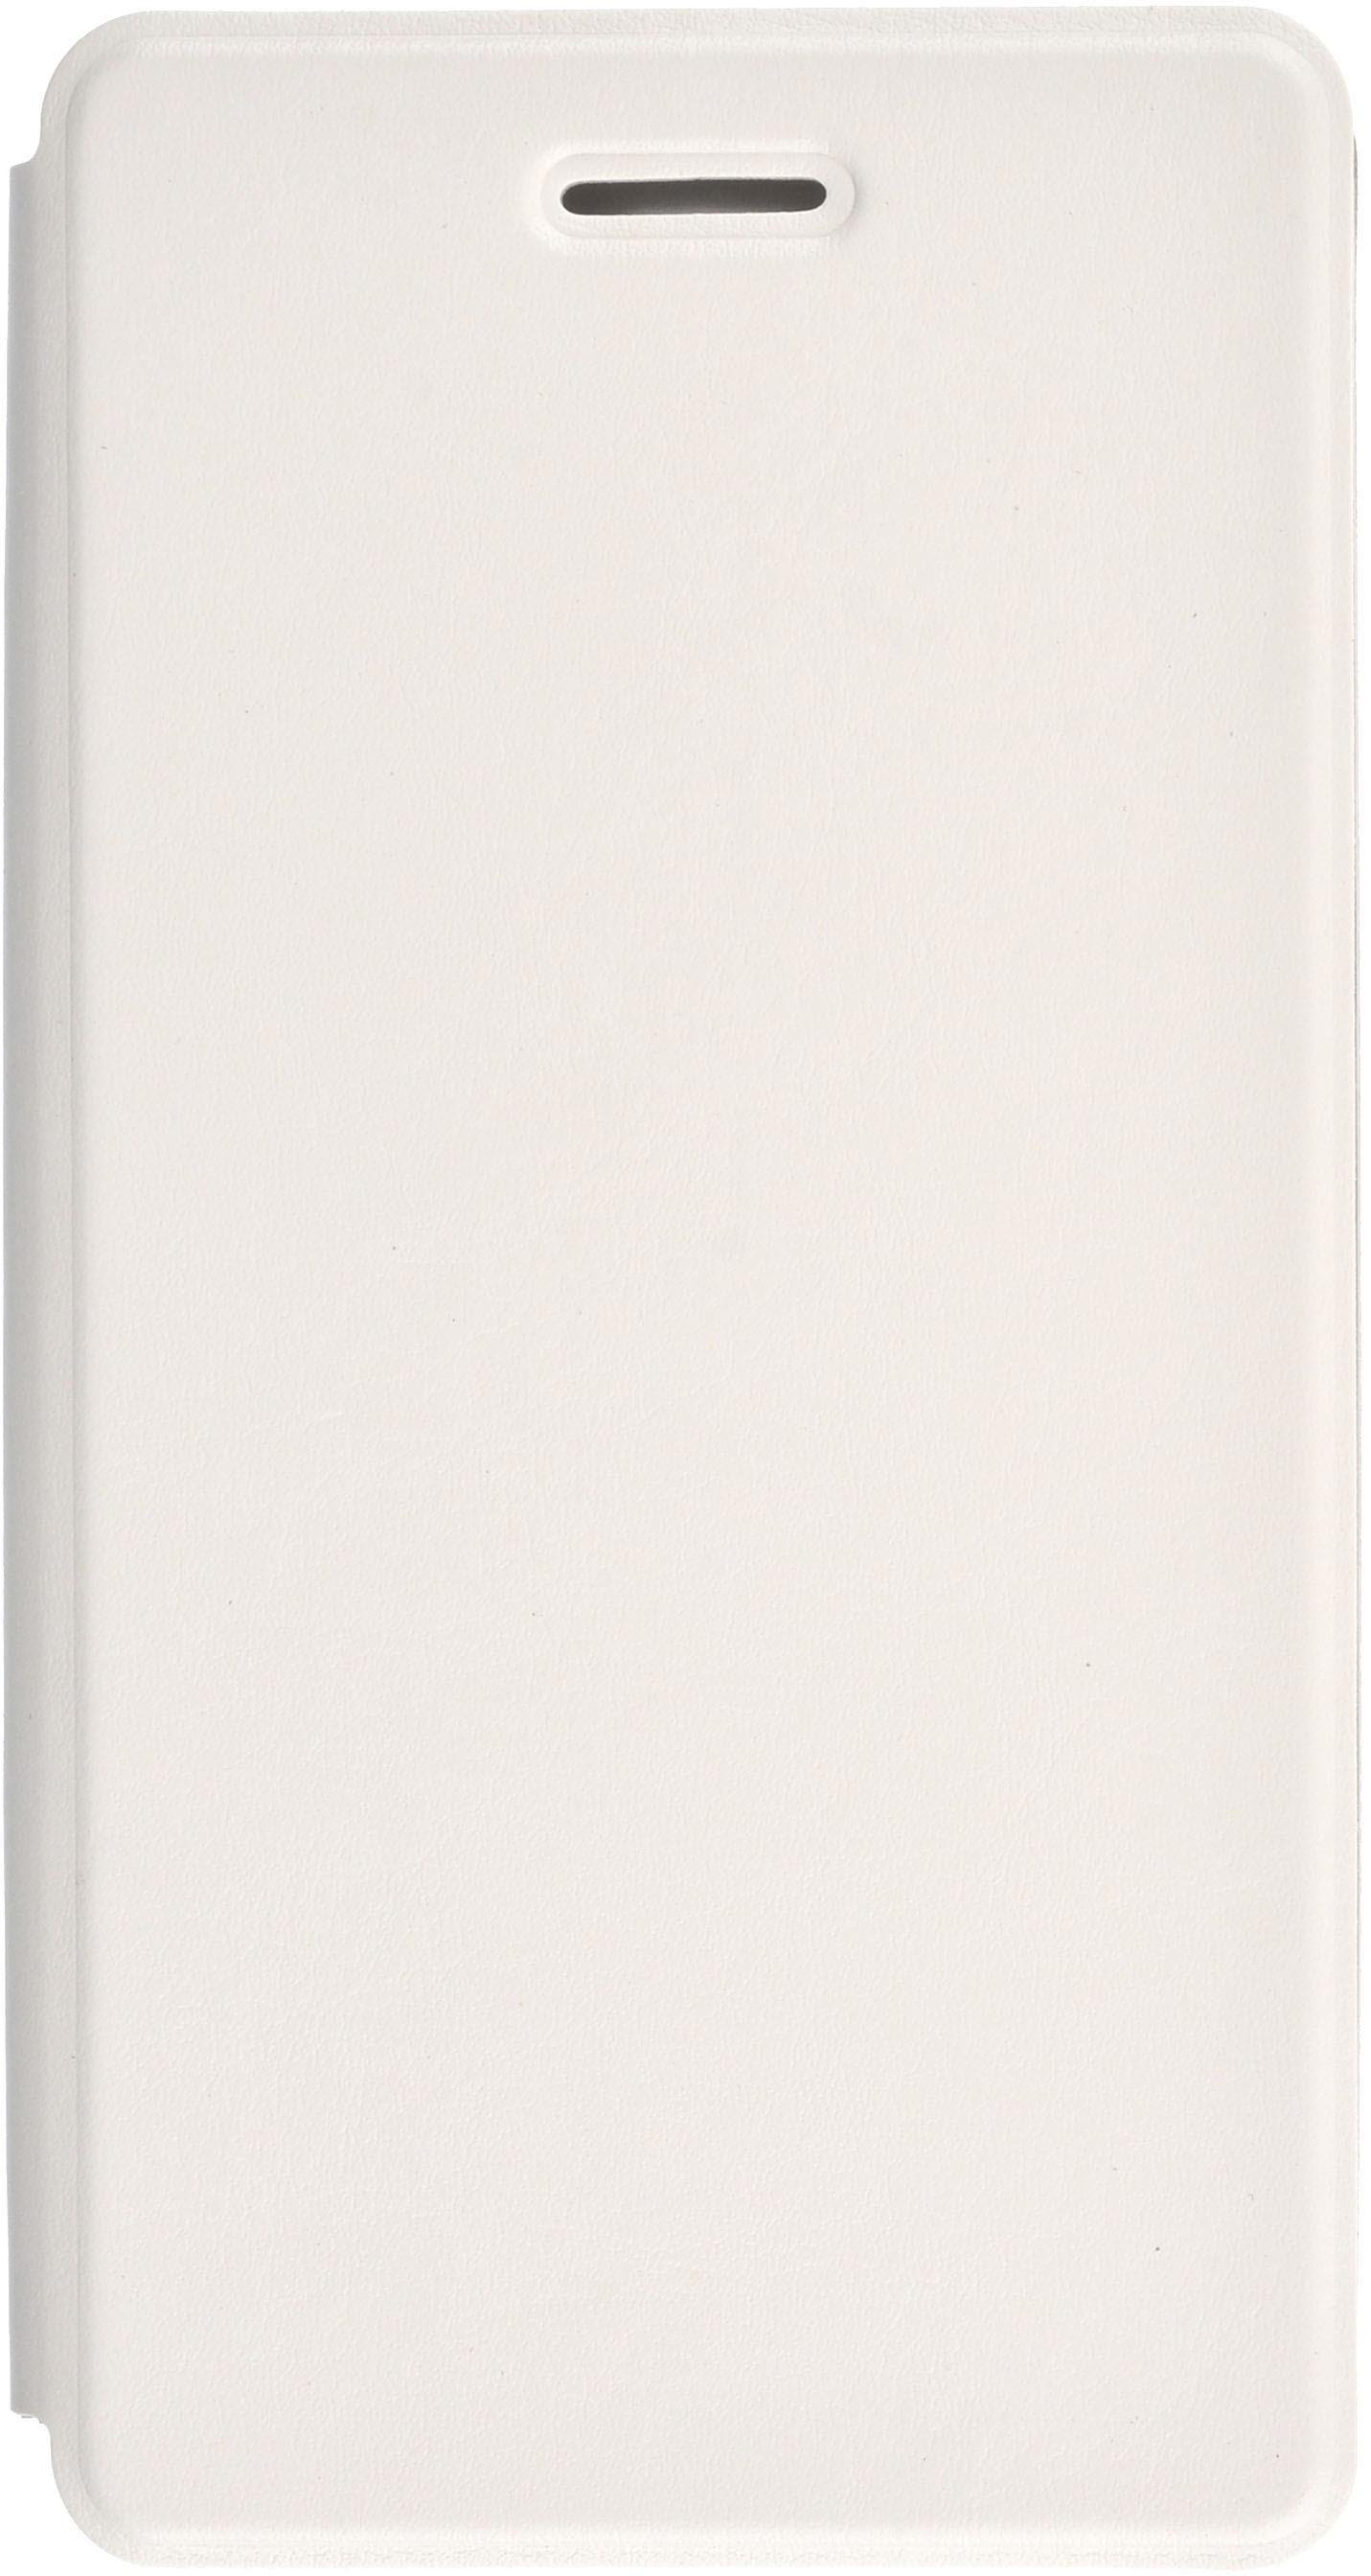 Чехол для сотового телефона skinBOX Lux, 4630042527669, белый чехол книжка для microsoft lumia 532 с магнитной застежкой золотой armor m